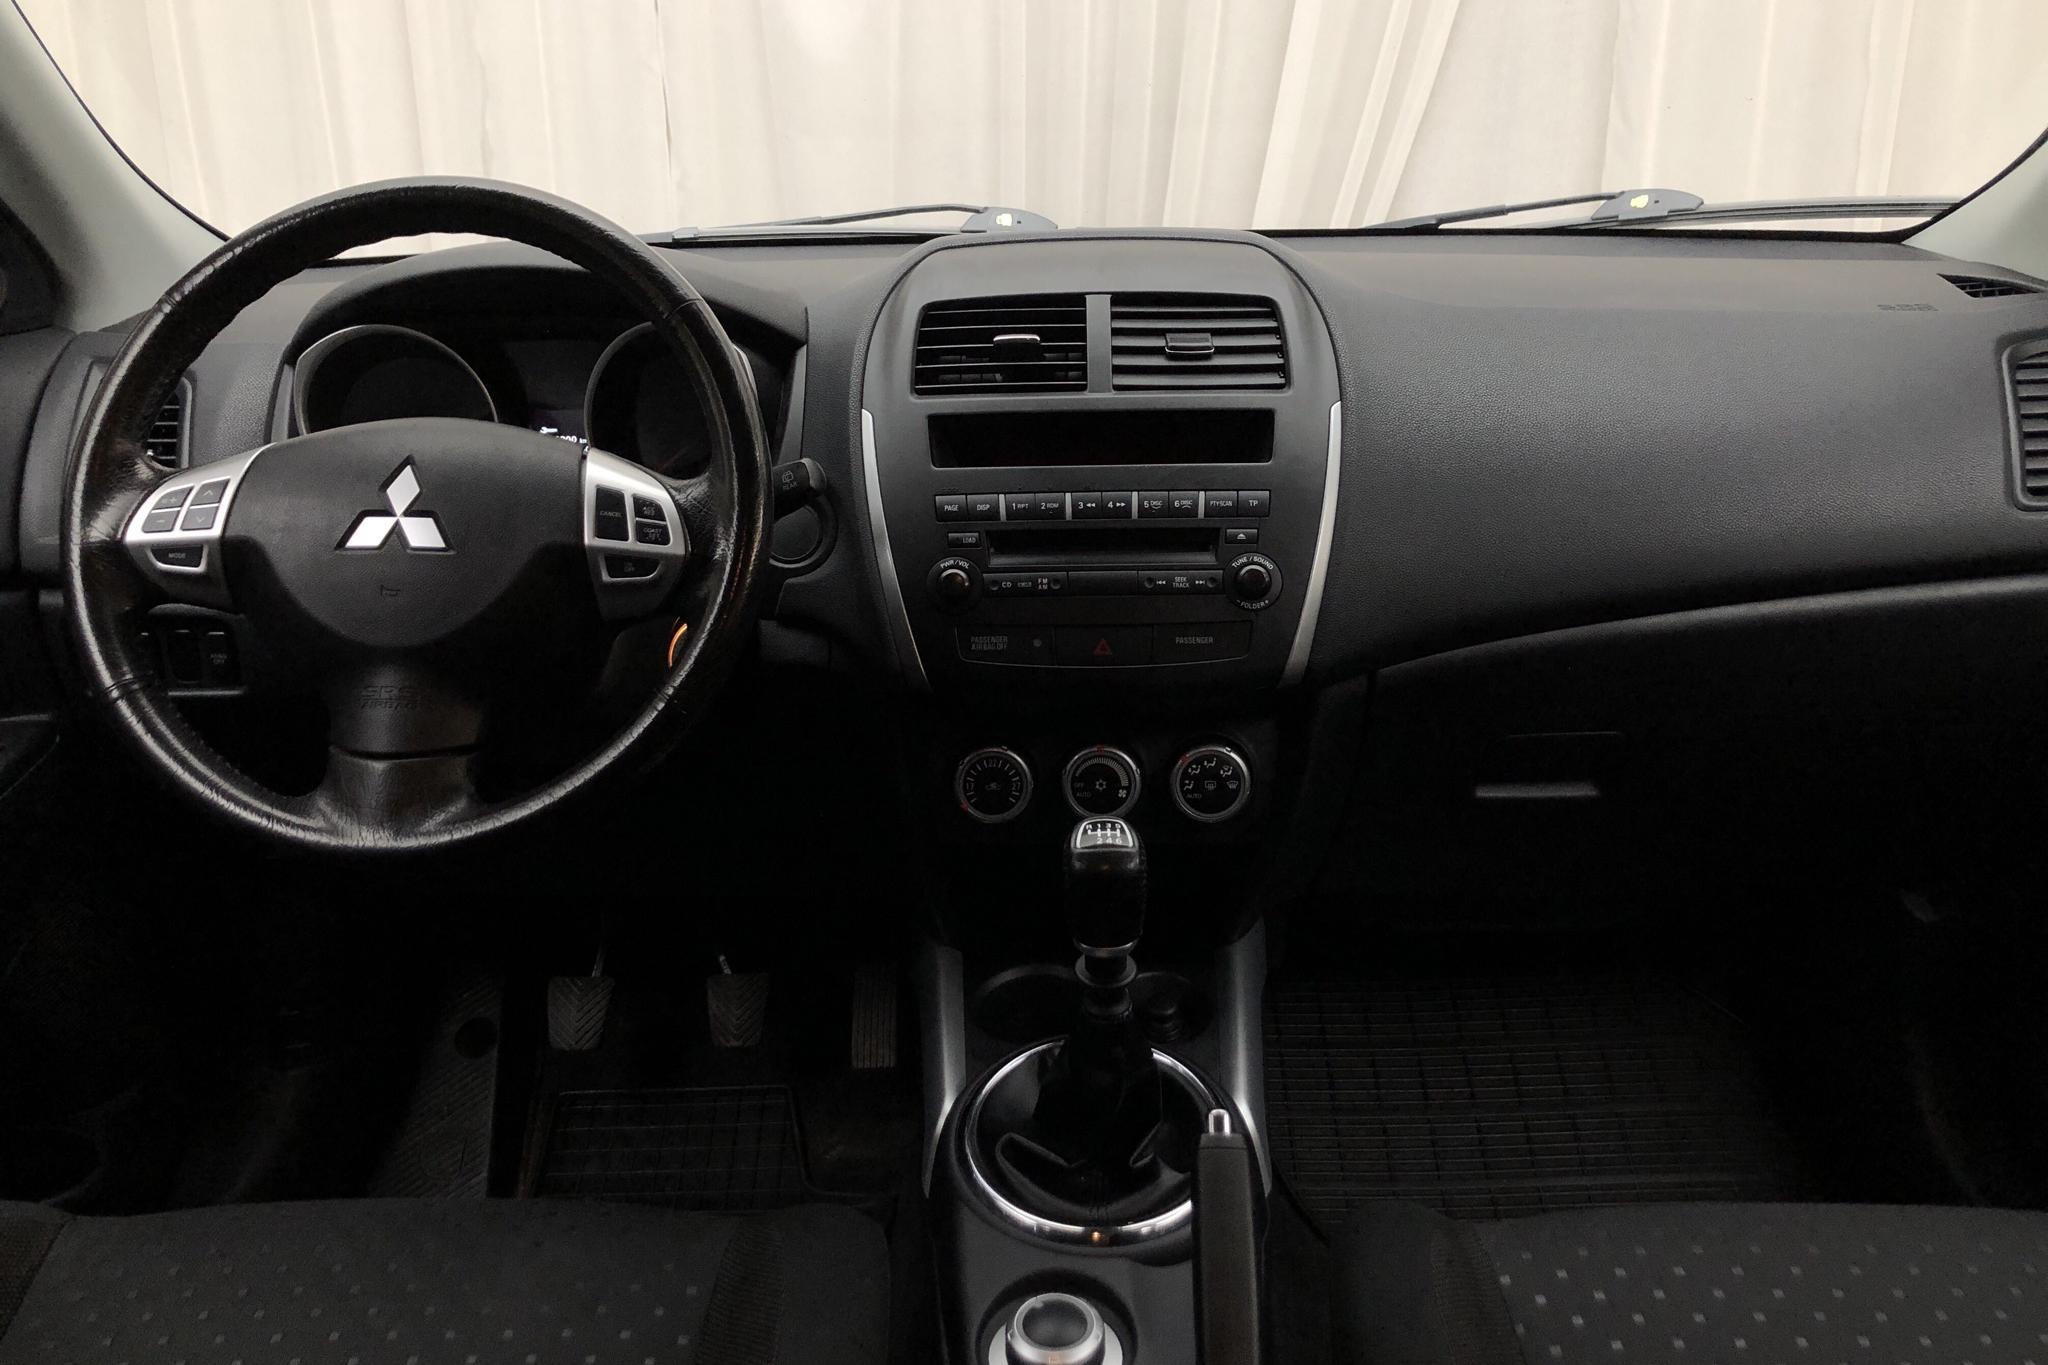 Mitsubishi ASX 1.8 D 4WD (150hk) - 15 466 mil - Manuell - Dark Grey - 2011